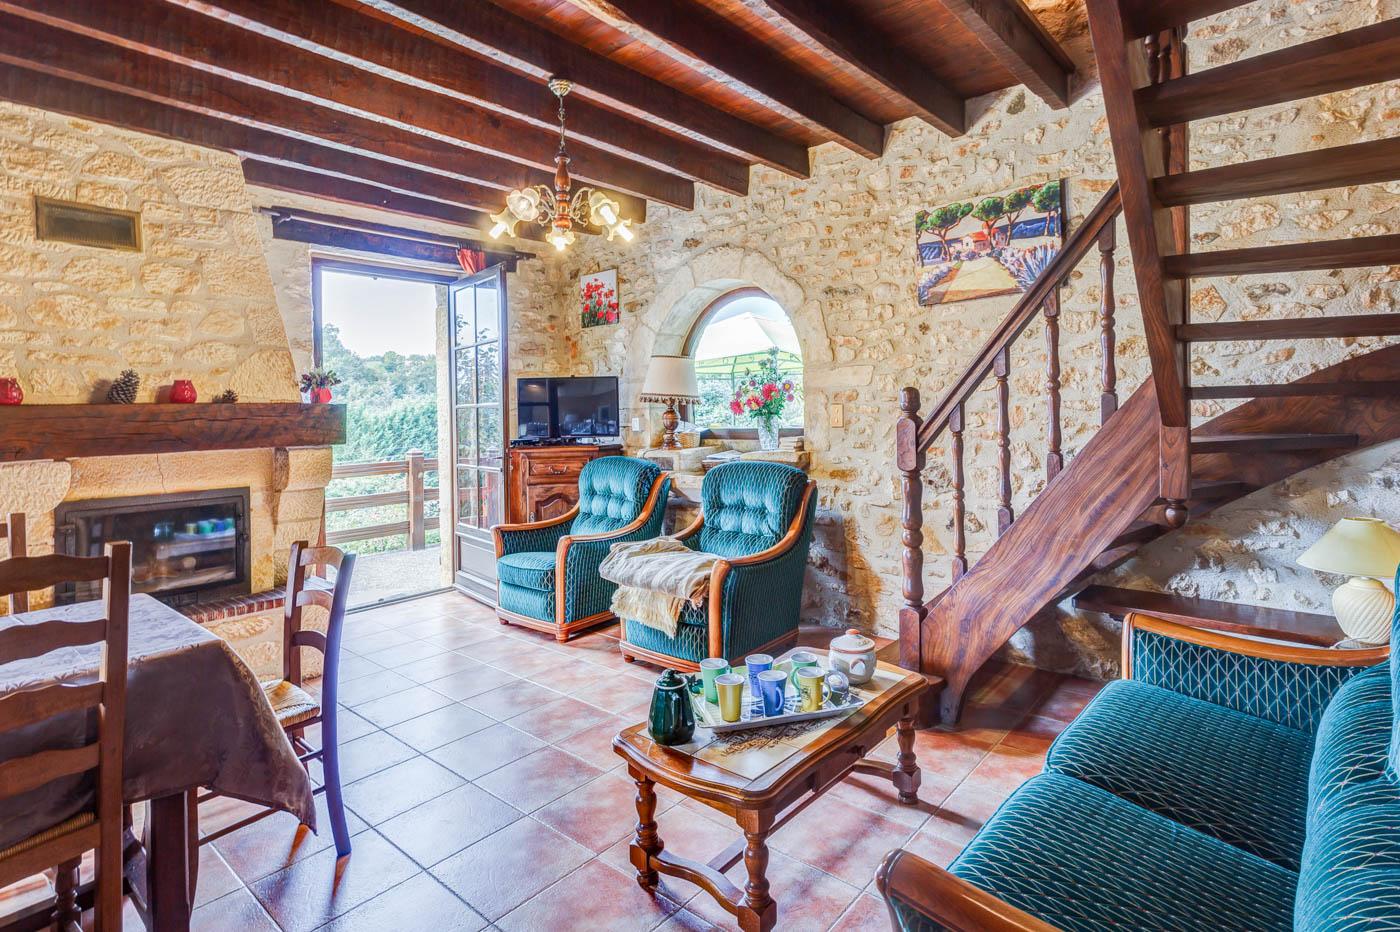 Maison-de-Vacances-Les-Terrasses-15